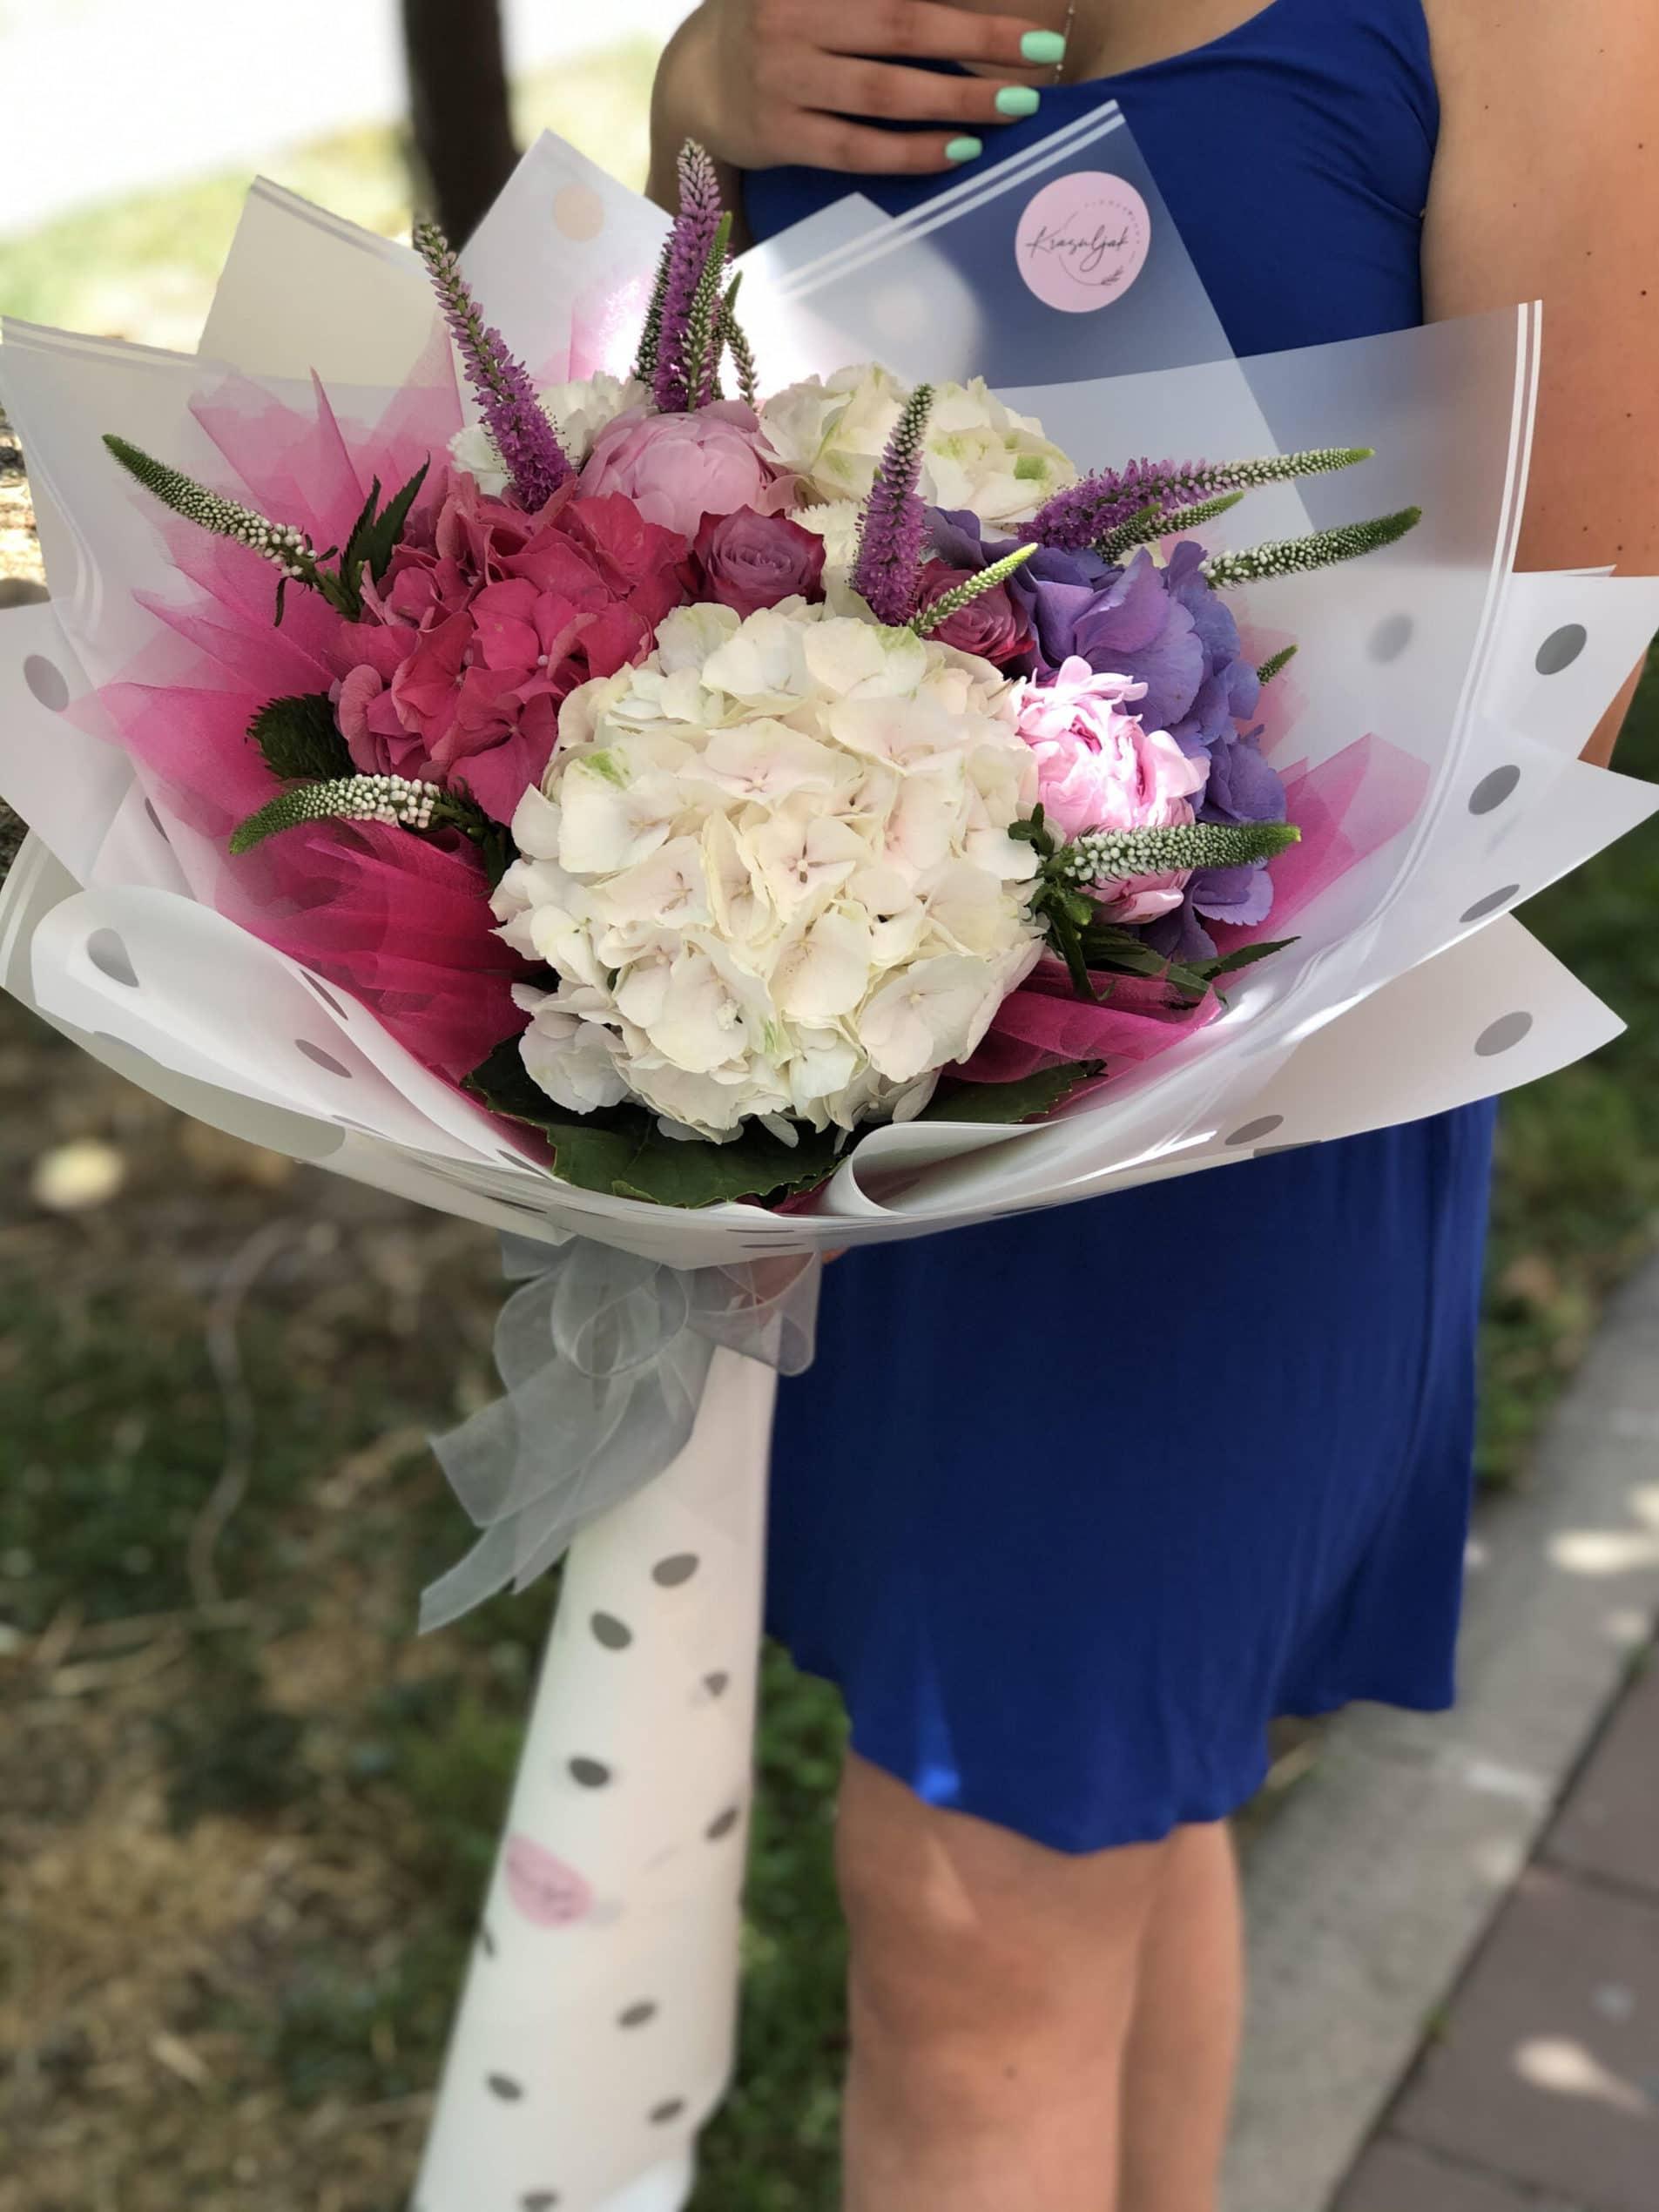 Cveće - buket cveća u belom ukrasnom papiru na tufne